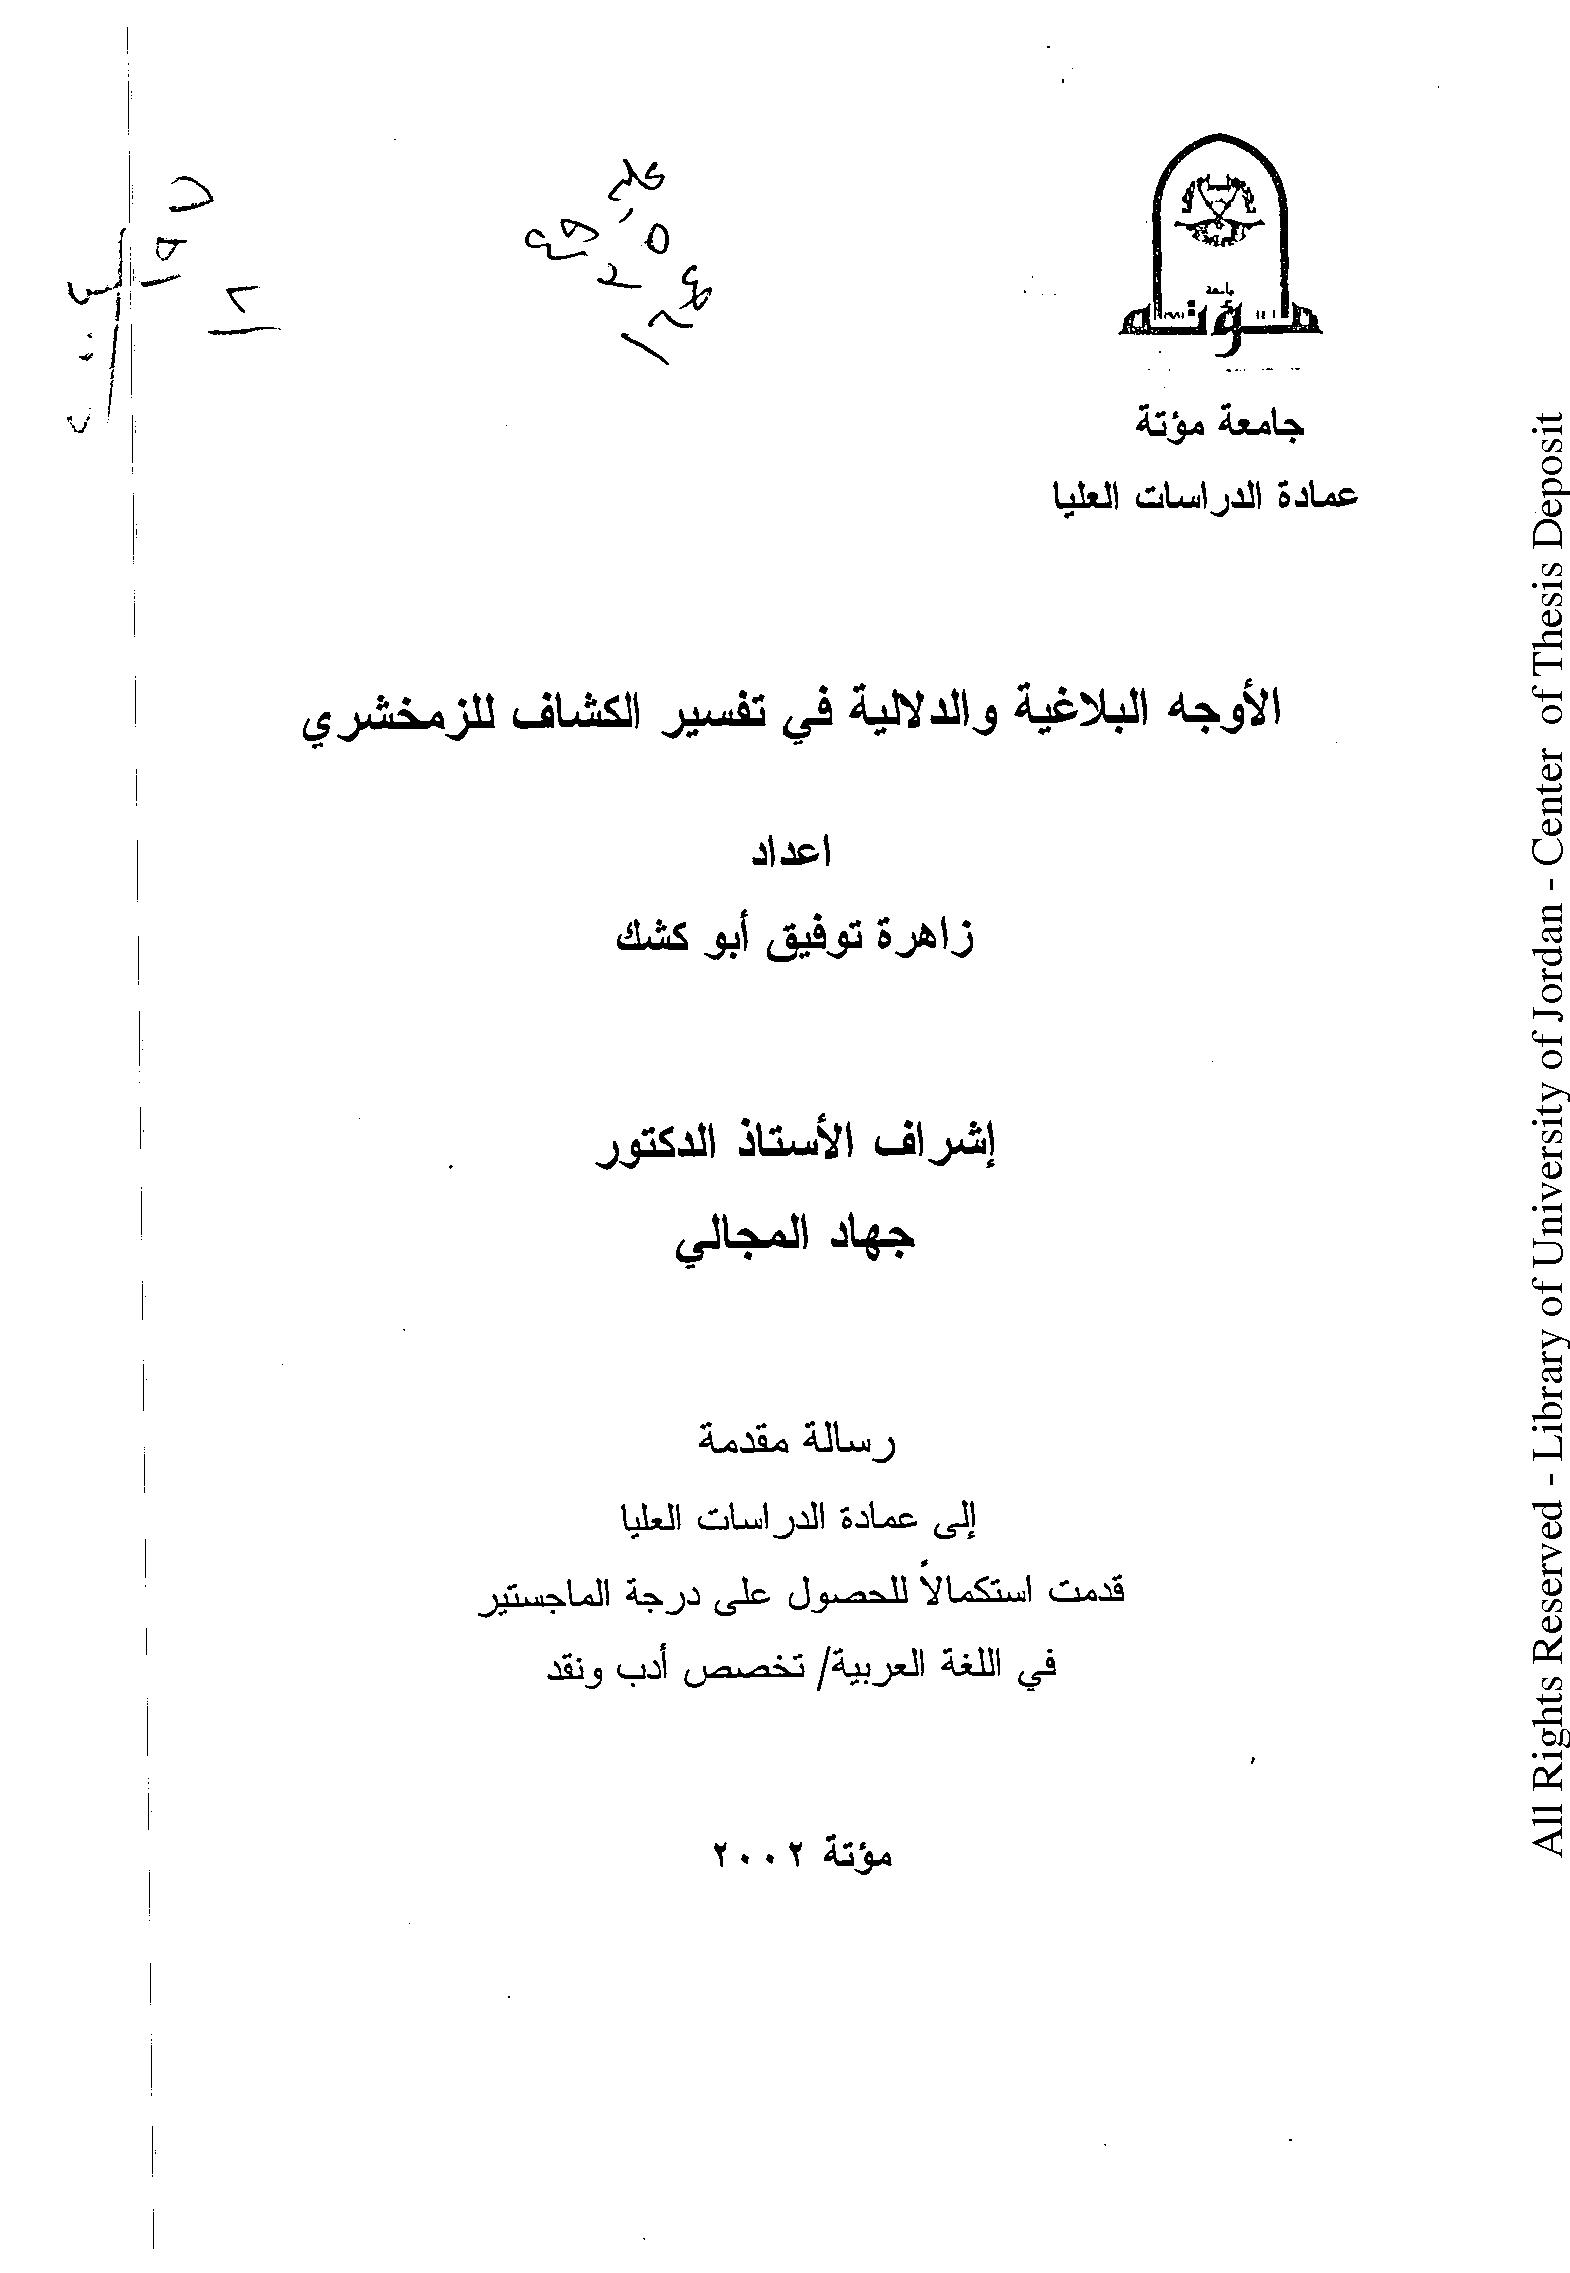 تحميل كتاب الأوجه البلاغية والدلالية في تفسير الكشاف للزمخشري لـِ: زاهرة توفيق أبو كشك